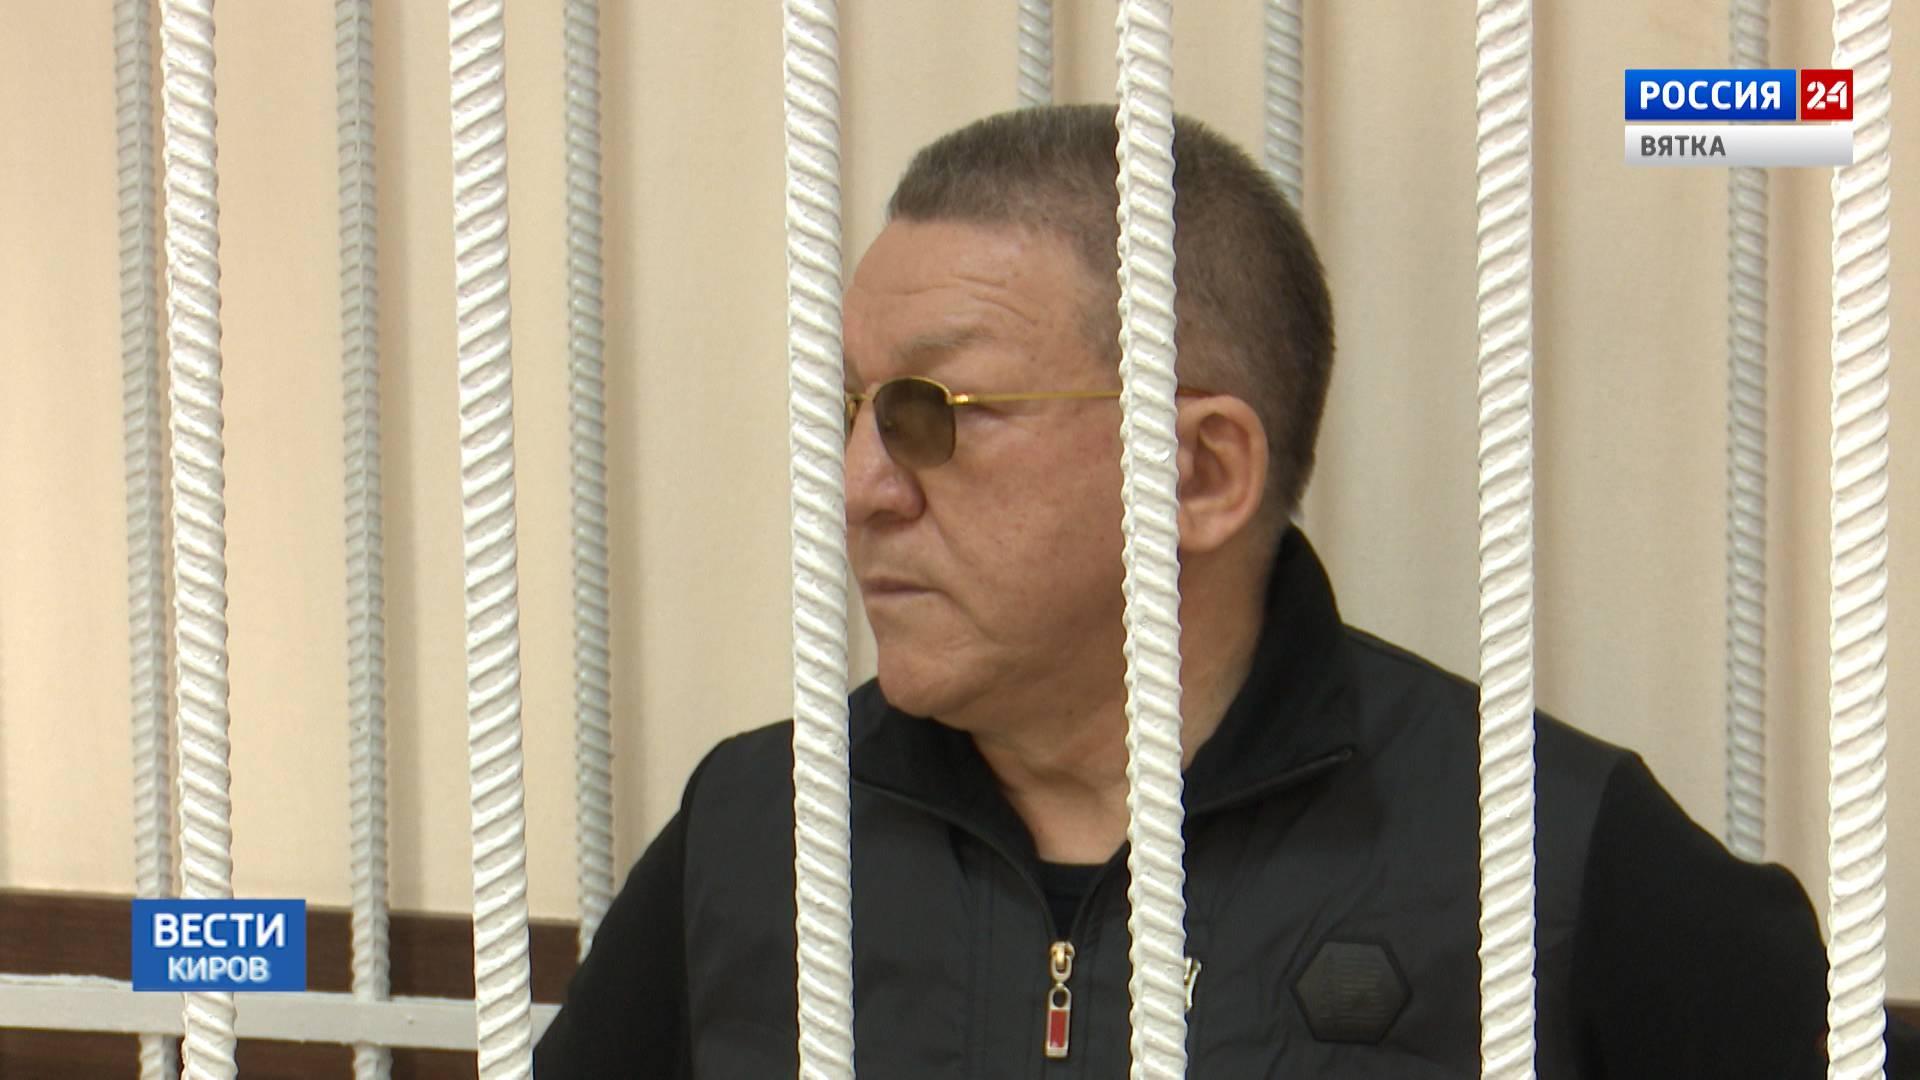 Леониду Яфаркину смягчили наказание по делу о парке Победы